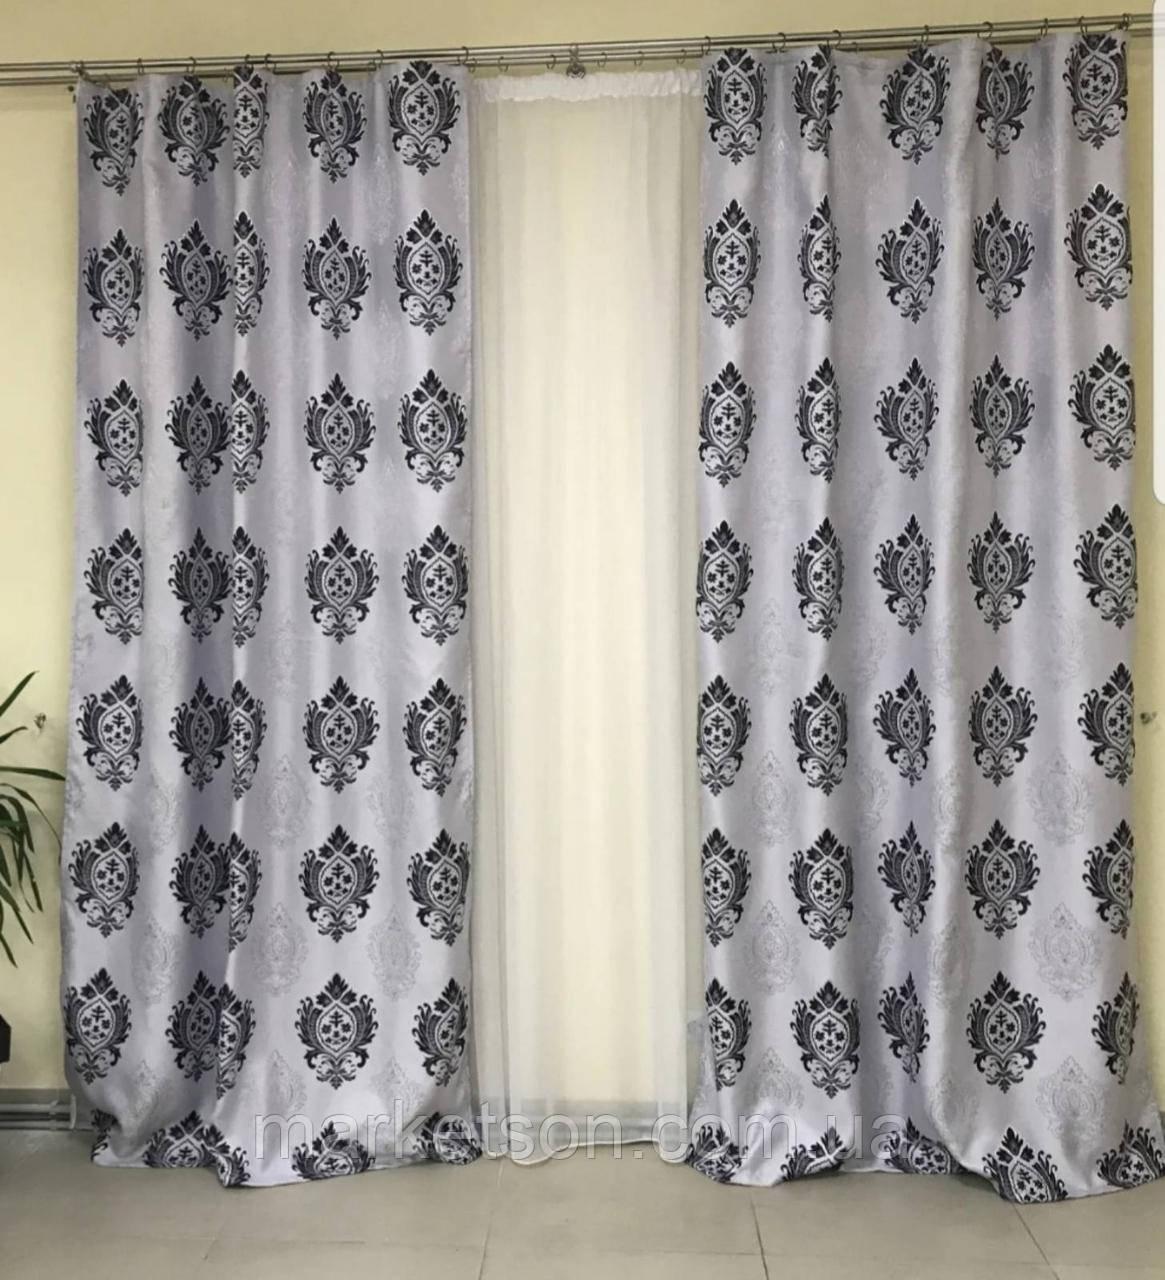 Готовые шторы Лен Блэкаут для спальни или гостинной 1,5х2,7.Корона